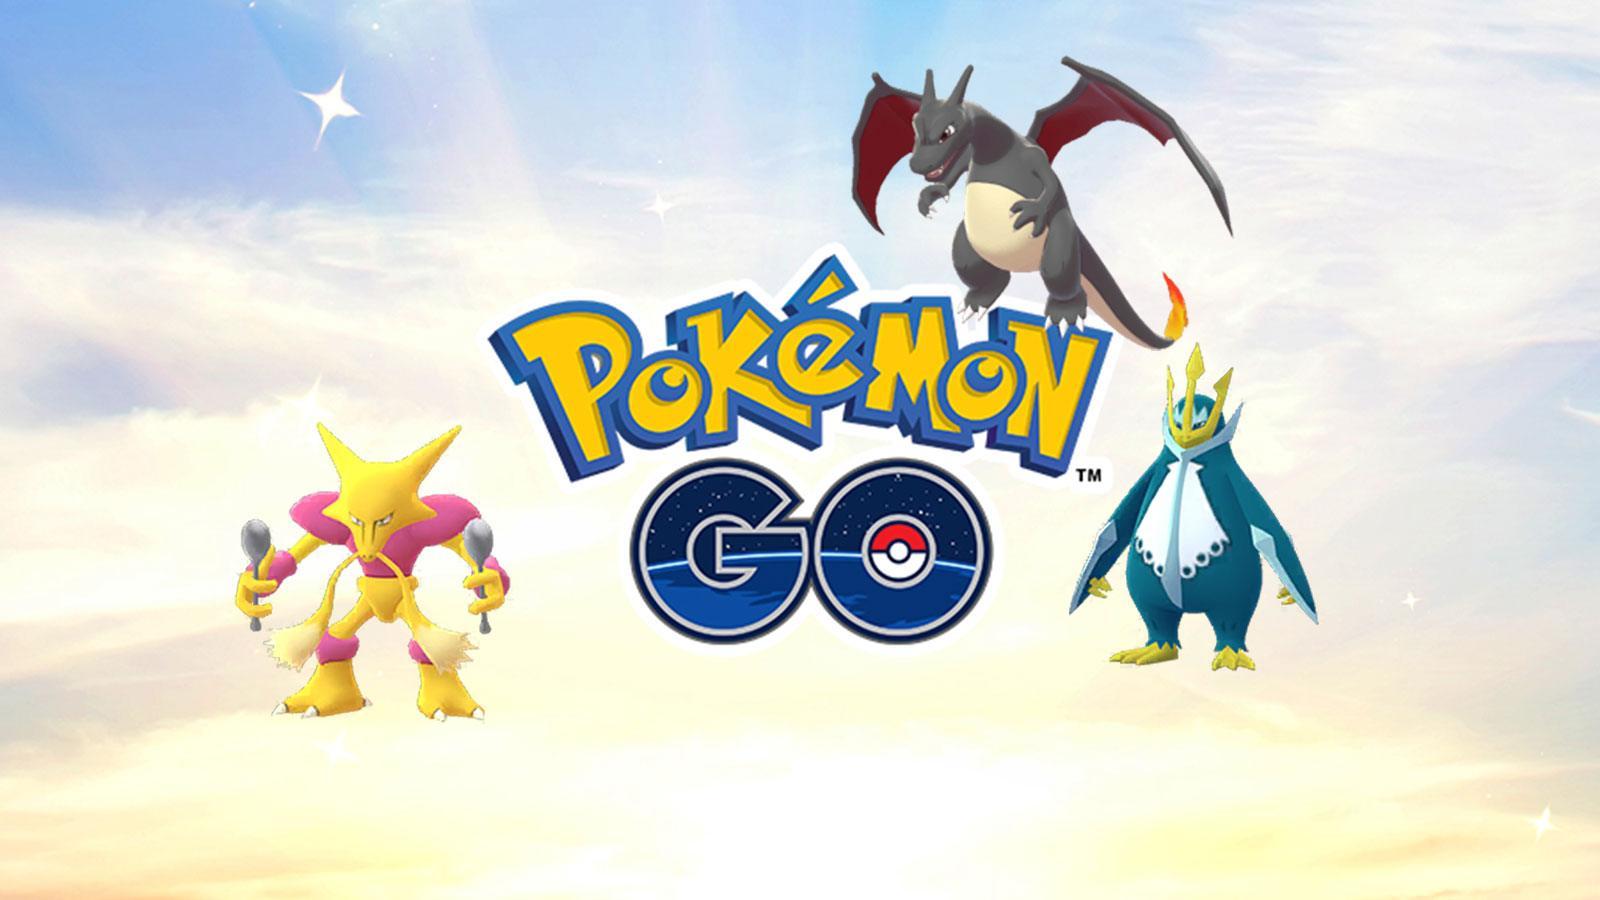 Pokémon Go Dracaufeu Pingoléon Alakazam shiny Niantic